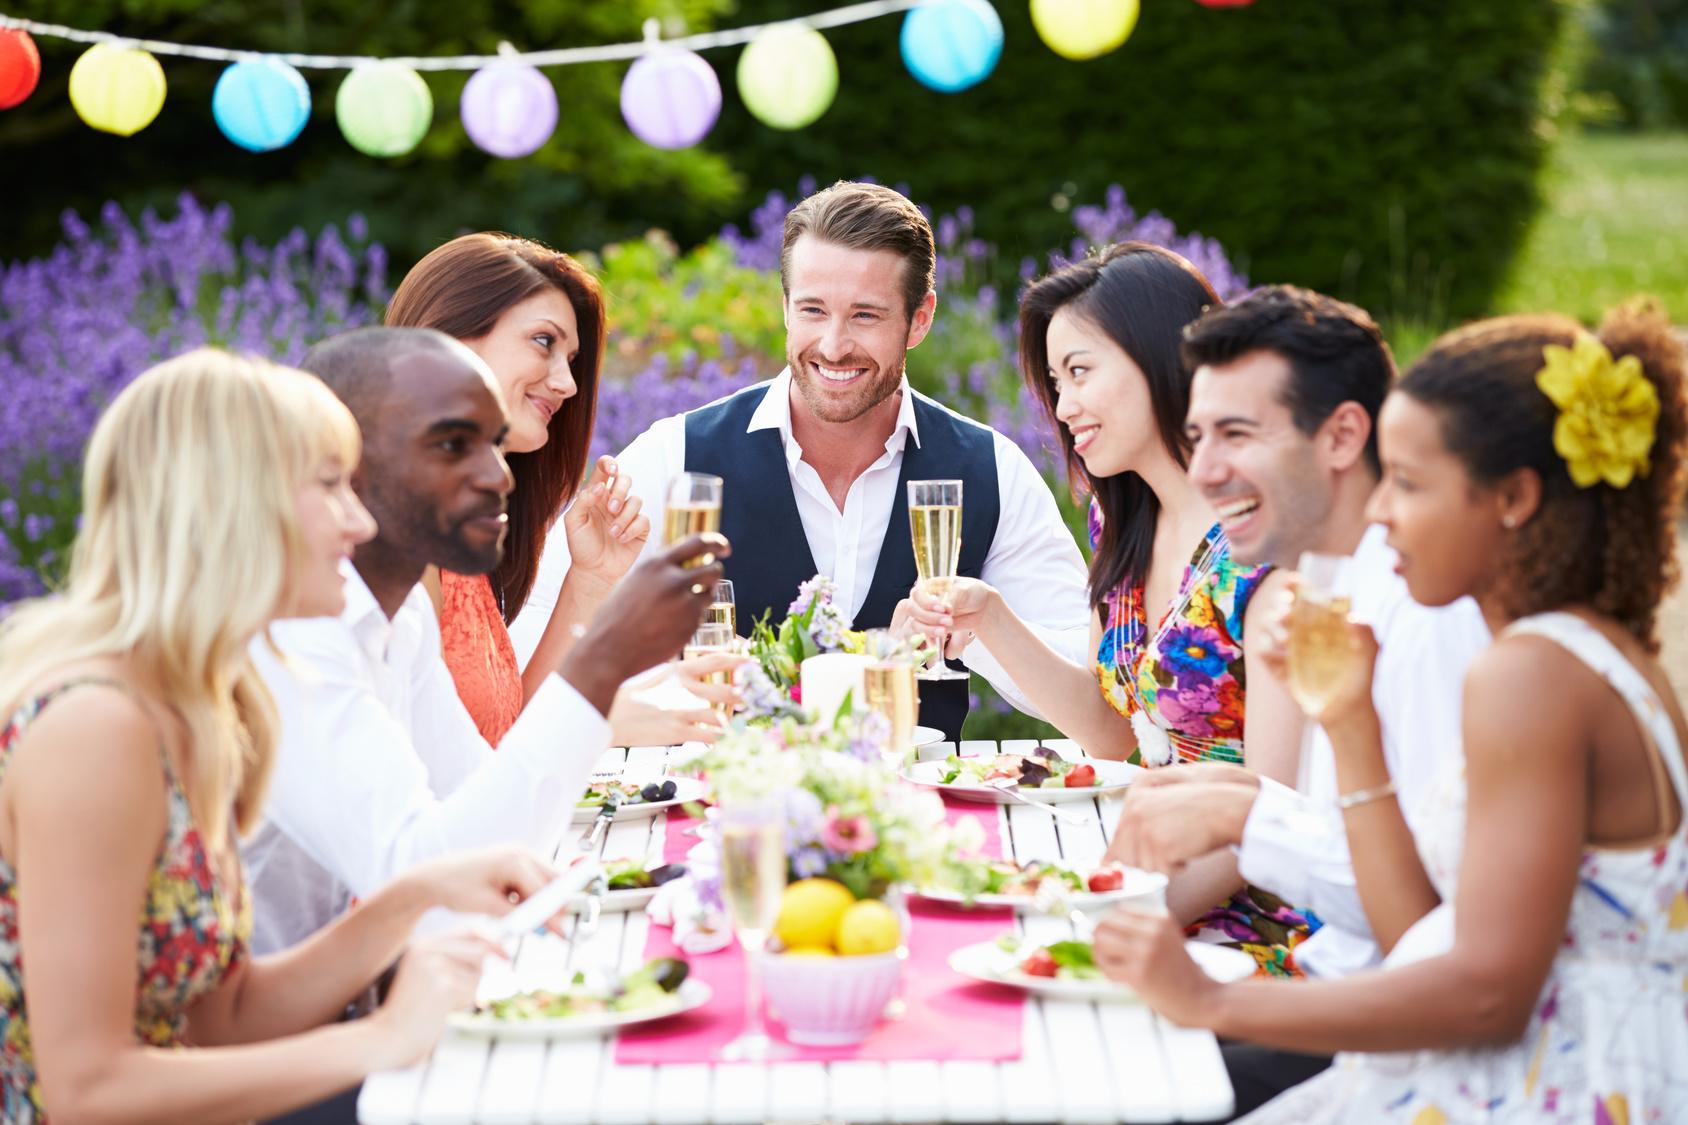 BBQ-Dinner mit Freunden verzichten